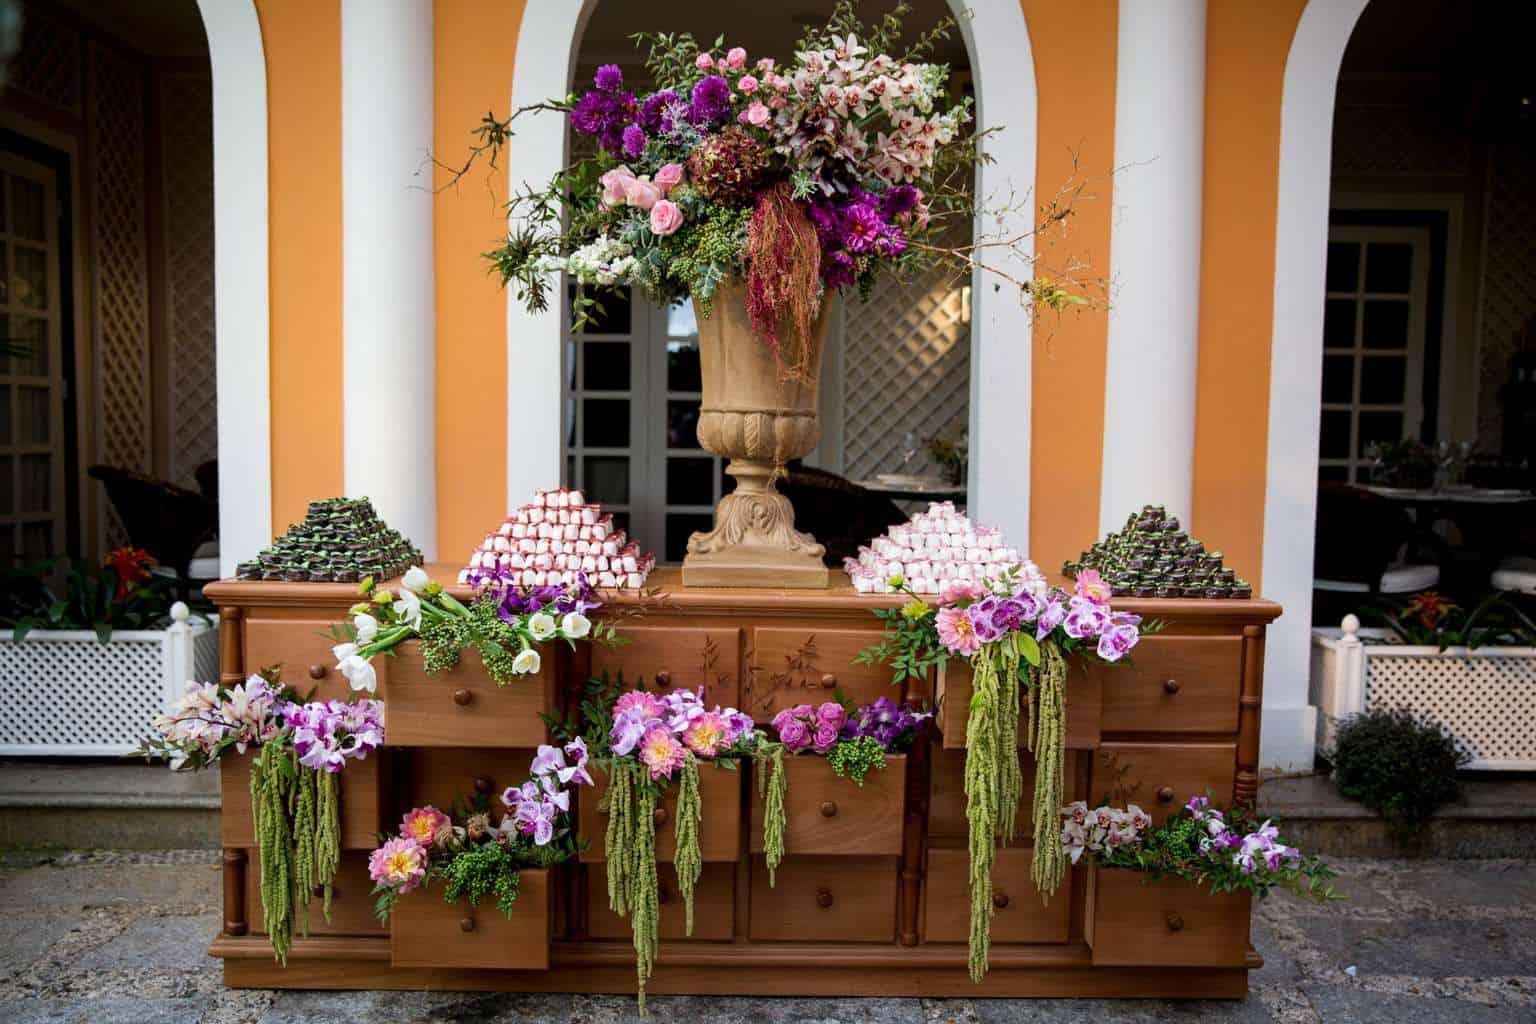 Andrea-Kapps-casamento-de-dia-casamento-na-serra-casamento-romântico-casamento-tradicional-decor-festa-decoração-Locanda-de-La-Mimosa-noiva-rosa-e-lilás-casamento-8